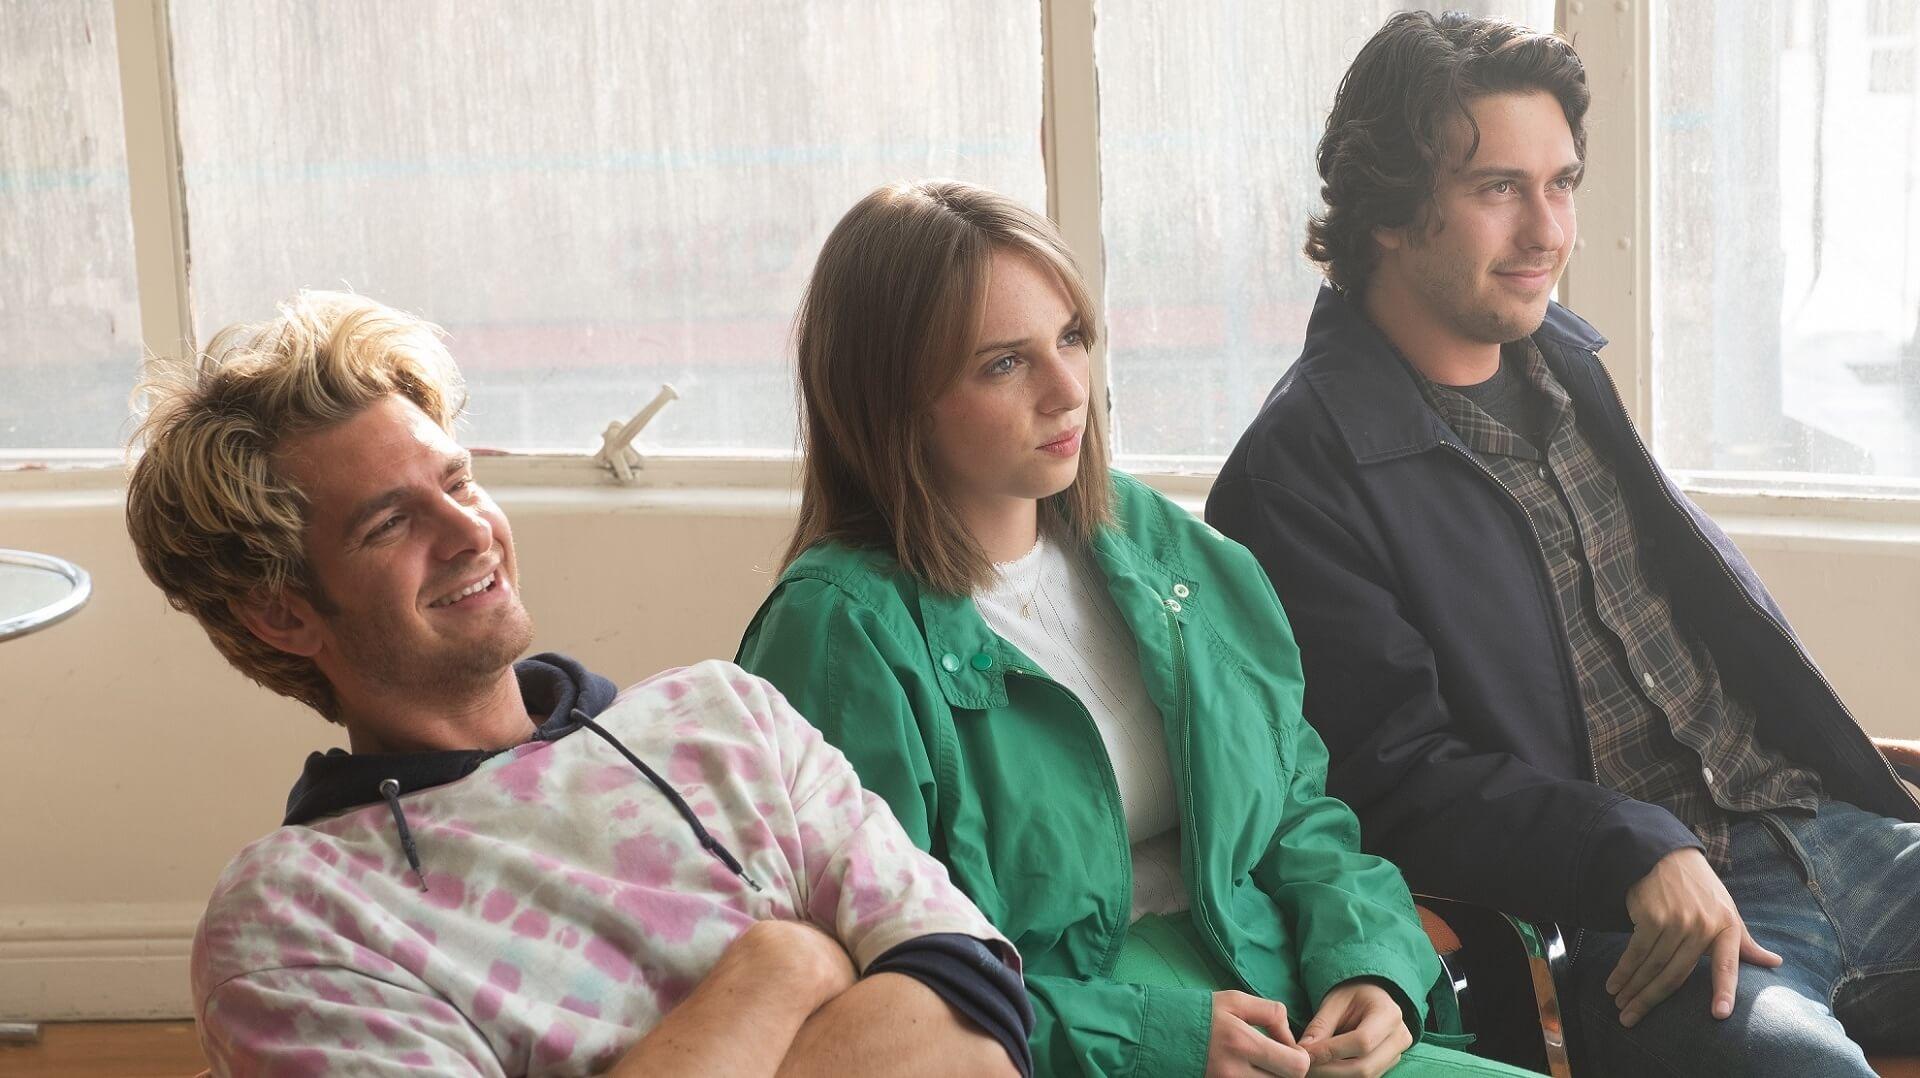 ジア・コッポラが語る、映画『メインストリーム』に散りばめられた敬愛する作品へのオマージュ interview210928gia-coppola-02